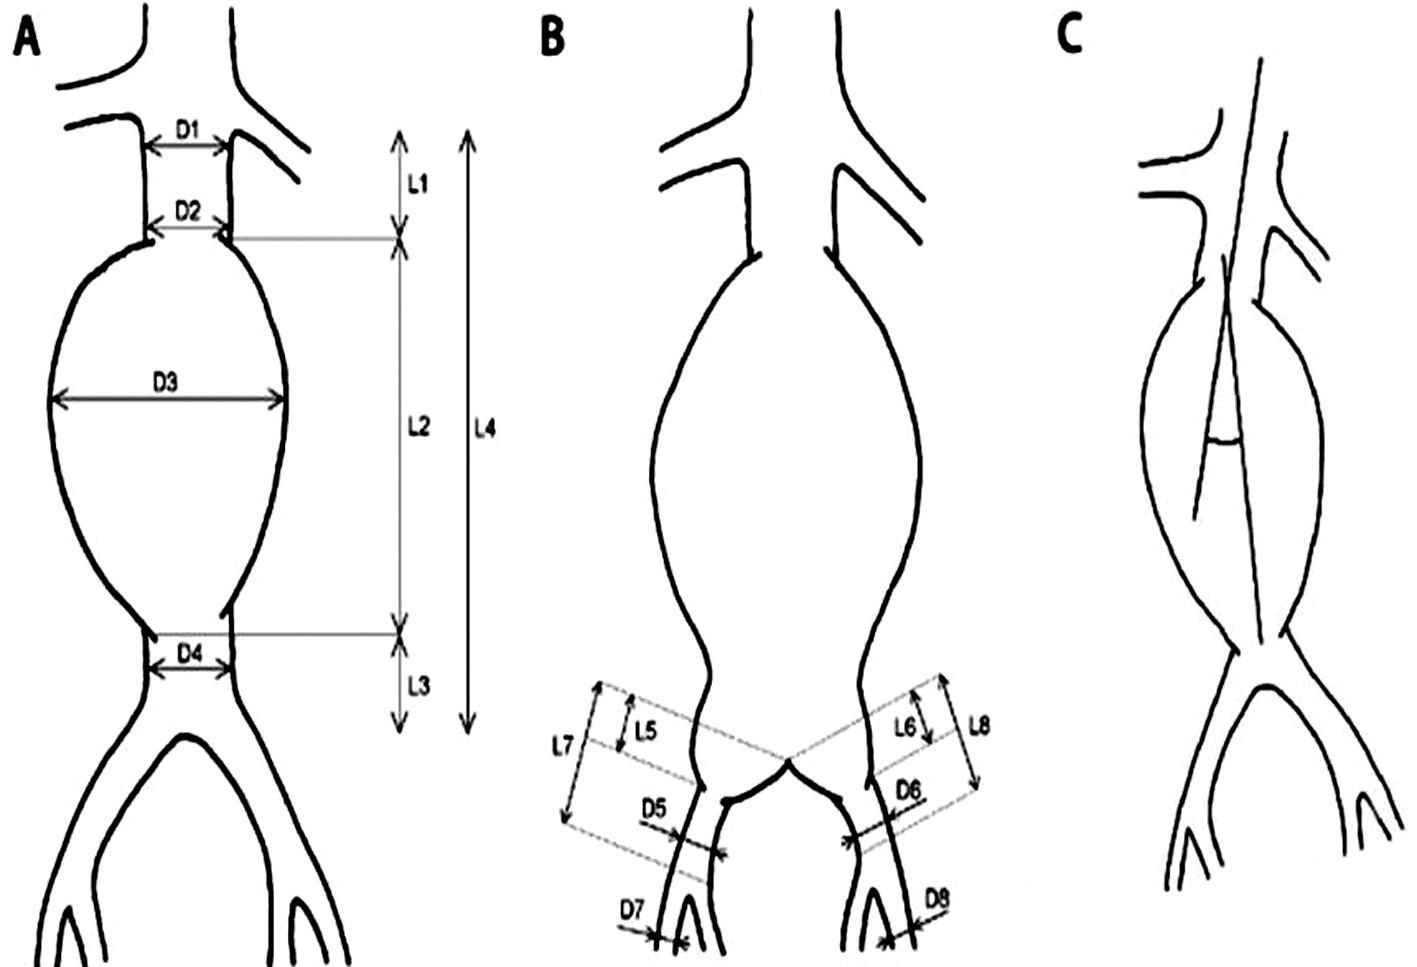 """Schéma spôsobu merania vybraných parametrov infrarenálnej aorty s výduťou a iliakálneho riečiska A,B: D1 – priemer aorty (proximálneho krčka aneuryzmy) tesne pod odstupom distálne uloženej renálnej tepny, D2 – priemer aorty (proximálneho krčka aneuryzmy) tesne nad aneuryzmou, D3 – priemer aneuryzmy, D4 – priemer aorty (distálneho krčka, pokiaľ je prítomný) pod aneuryzmou, D5 – priemer """"zdravého úseku"""" AIC (arteria iliaca communis) pod aneuryzmou vpravo, D6 – priemer """"zdravého úseku"""" AIC pod aneuryzmou vľavo, D7 – priemer AIE (arteria iliaca externa) vpravo, D8 – priemer AIE vľavo, L1 – dĺžka proximálneho krčka aneuryzmy, L2 – dĺžka výdute, L3 – dĺžka distálneho krčka aneuryzmy (pokiaľ je prítomný), L4 – celková dĺžka subrenálnej aorty, L5 – dĺžka aneuryzmy postihnutého úseku AIC vpravo, L6 – dĺžka aneuryzmy postihnutého úseku AIC vľavo, L7 – dĺžka AIC vpravo, L8 – dĺžka AIC vľavo. C: uhol medzi pozdĺžnou osou proximálneho krčka a pozdĺžnou osou aneuryzmy. Fig. 1: Diagram of the measurement method for selected parameters of infrarenal aortic aneurysm and iliac arteries A,B: D1 – aortic diameter (proximal aneurysm neck) just below the origin of distally located renal artery, D2 – aortic diameter (proximal aneurysm neck) just above the aneurysm, D3 – diameter of the aneurysm, D4 – aortic diameter (distal neck, if present) below the aneurysm, D5 – diameter of the """"healthy segment"""" of AIC (common iliac artery) under the aneurysm on the right side, D6 – diameter of the """"healthy segment"""" of AIC below the aneurysm on the left side, D7 – diameter of AIE (external iliac artery) on the right, D8 – diameter of AIE on the left, L1 – the length of the proximal neck of the aneurysm, L2 – the length of the aneurysm, L3 – the length of the distal neck of the aneurysm (if present), L4 – the total length of the infrarenal aorta, L5 – the length of the affected segment of the right AIC, L6 – the length of the affected segment of the left AIC, L7 – the length of the right AIC, L8 – the """